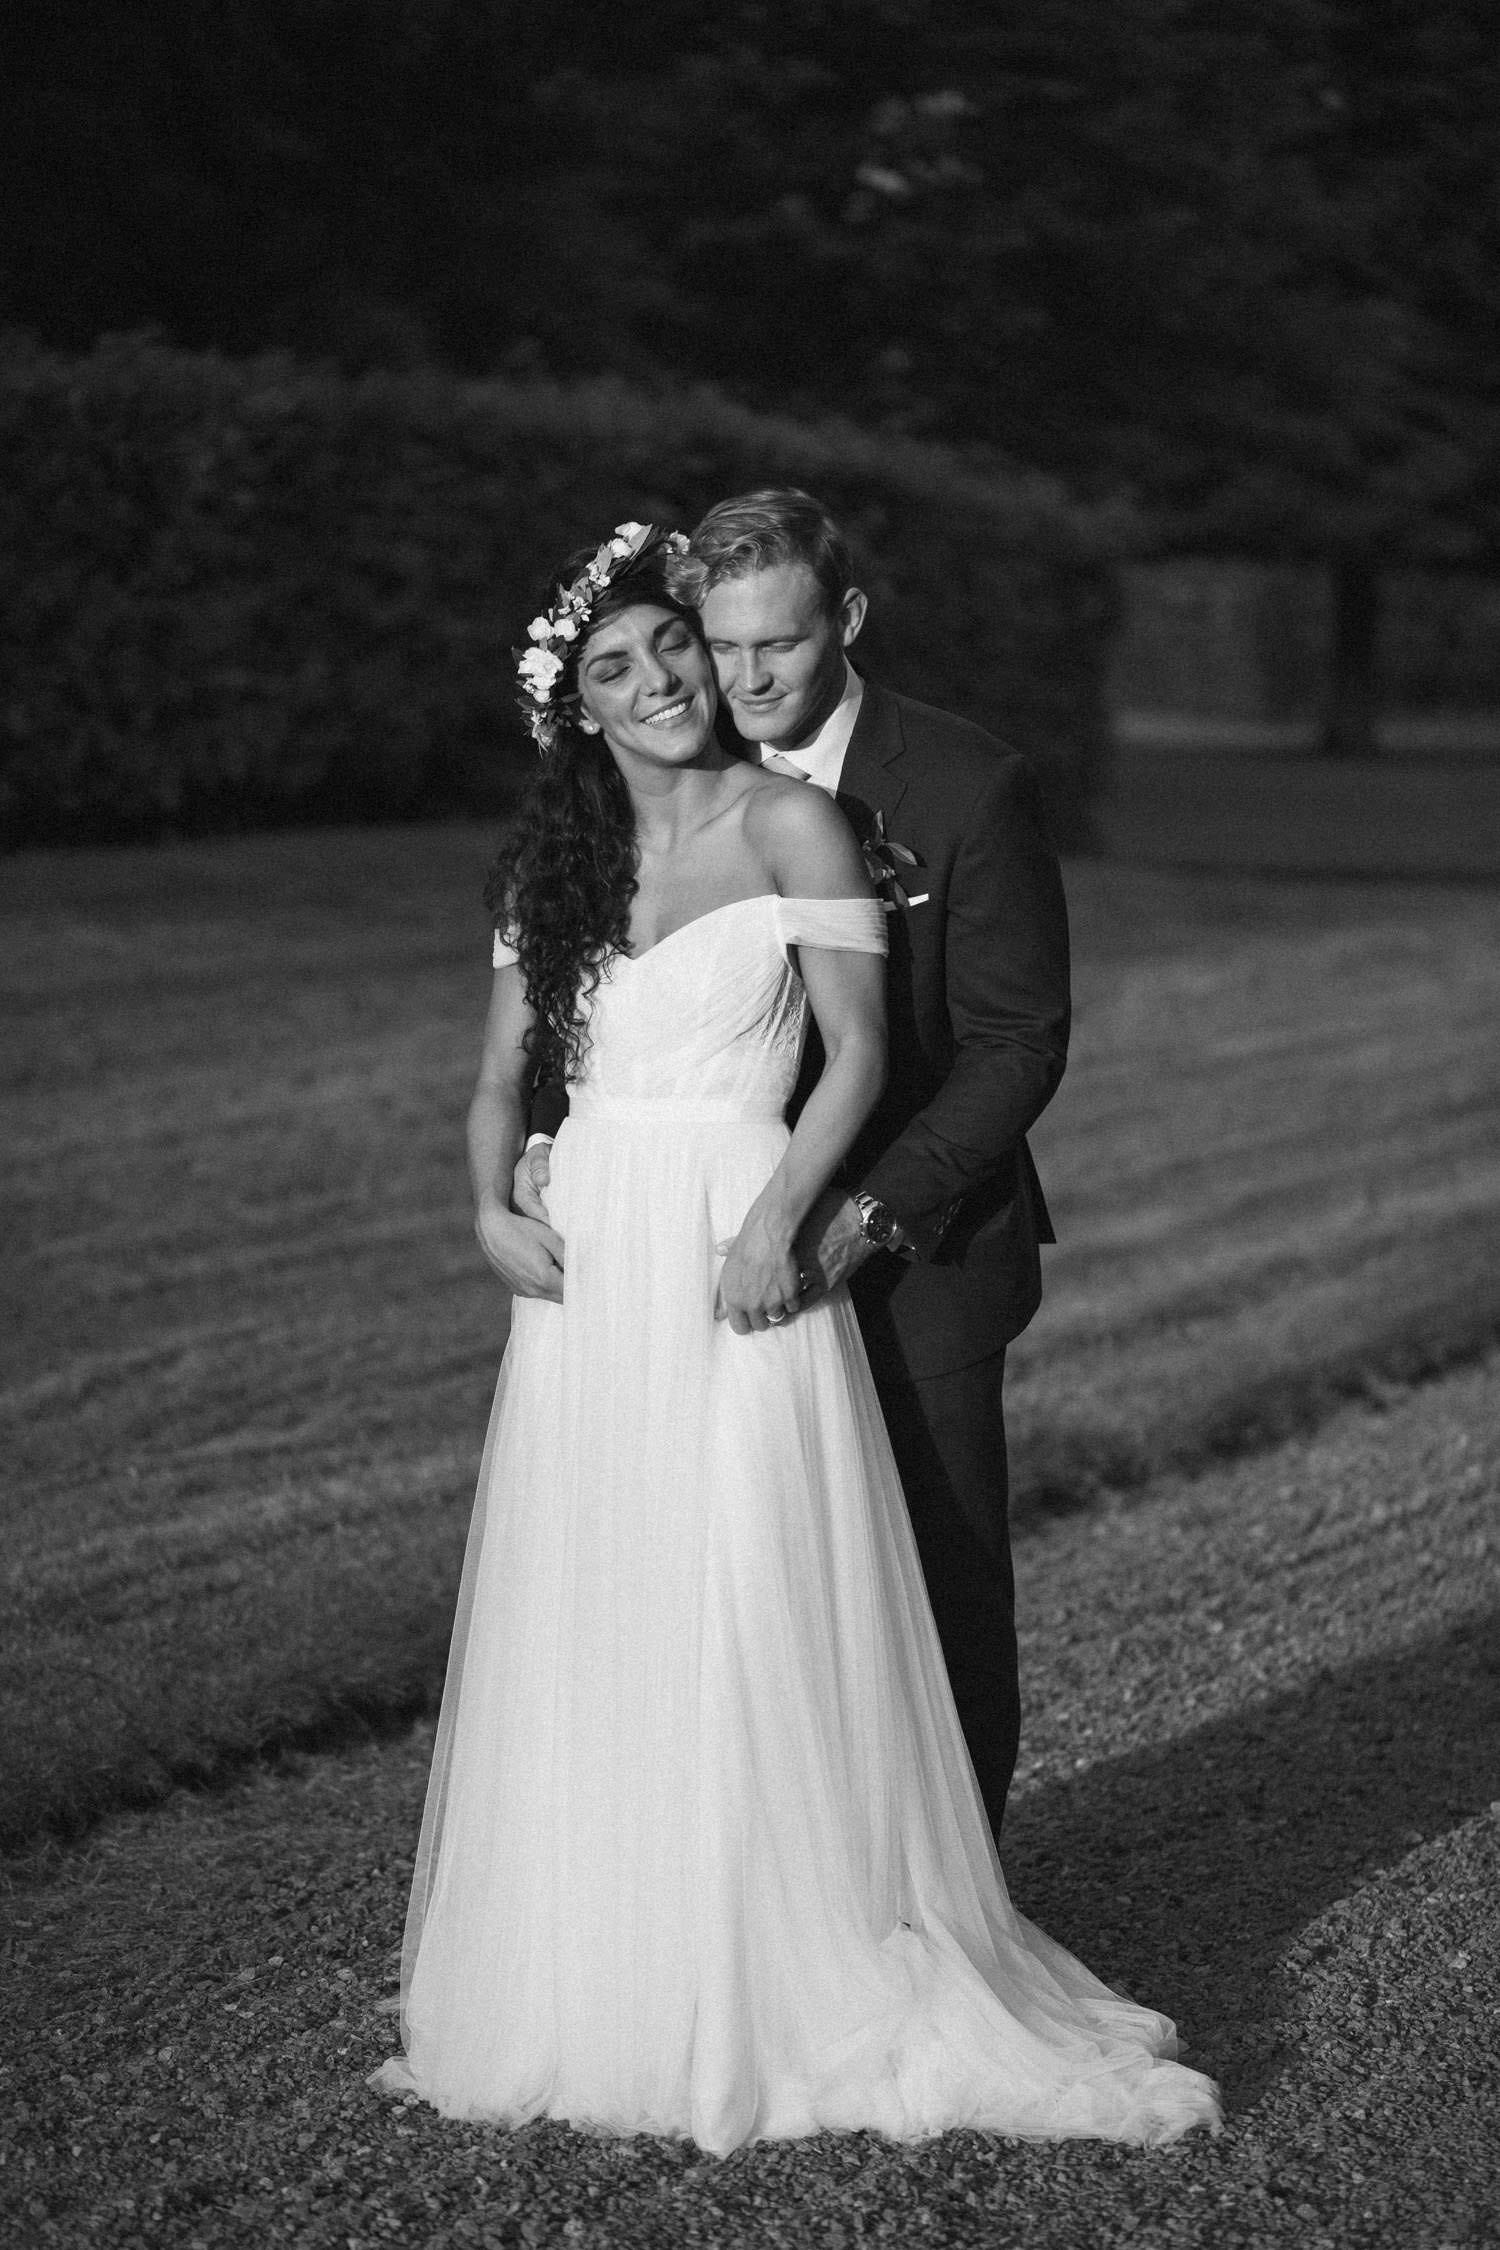 Svartvitt porträtt på Christoffer och Ashley Ljungbäck under deras bröllop på Trolleholms Slott i Skåne. Fotograf är Tove Lundquist, bröllopsfotograf Skåne. Brudklänning från Mia Grace Bridal.